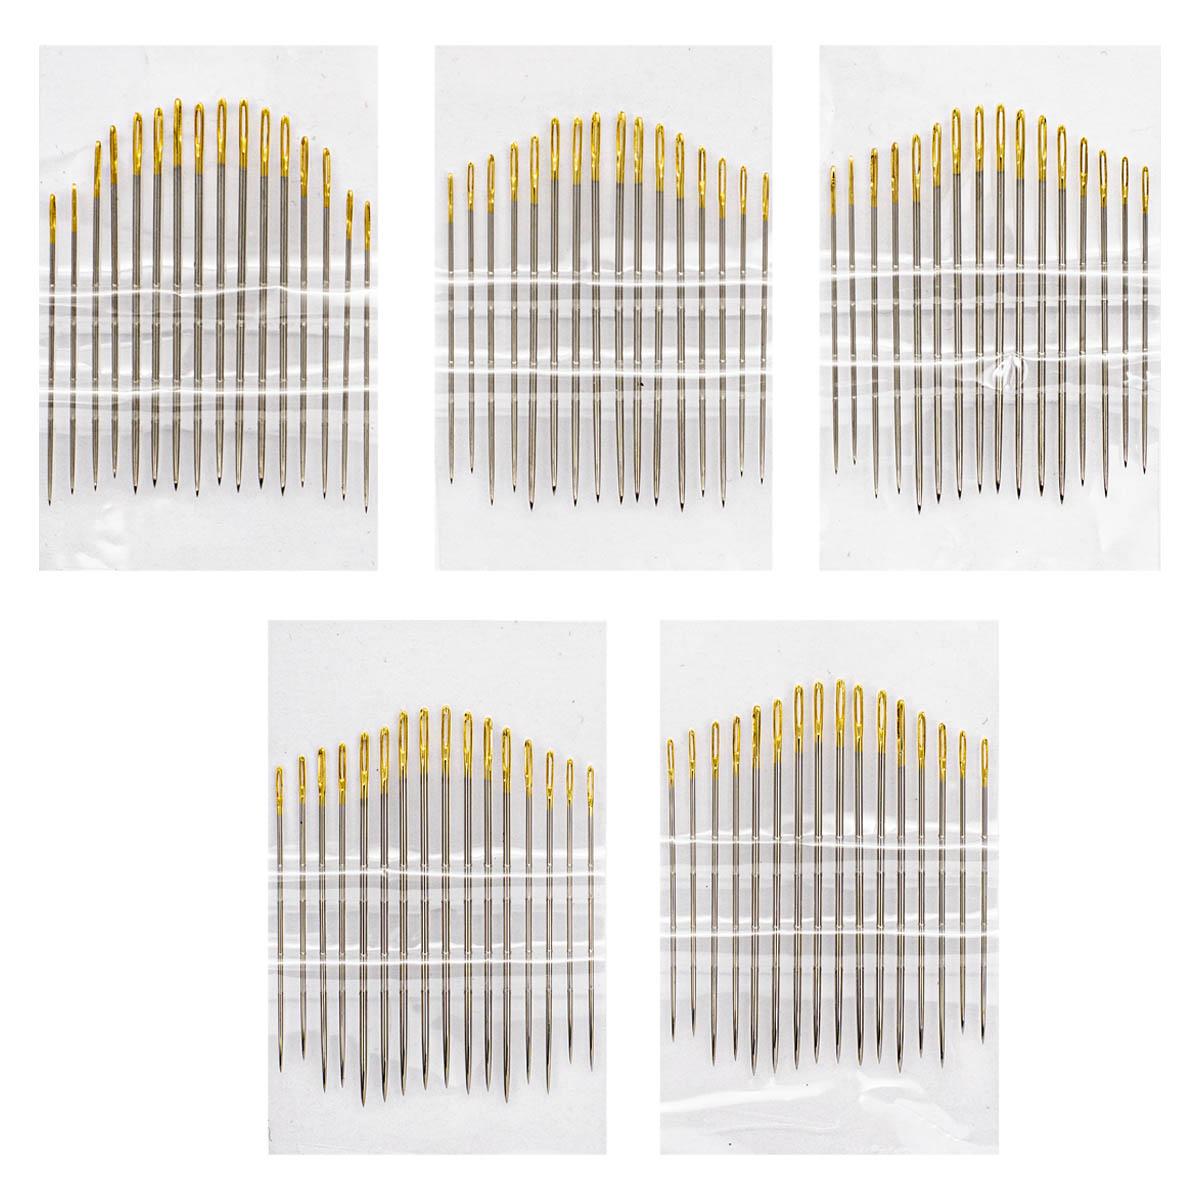 Иглы ручные с золотым ушком для тонкой шерсти №3-9, 16шт. 110108/g, Hobby&Pro